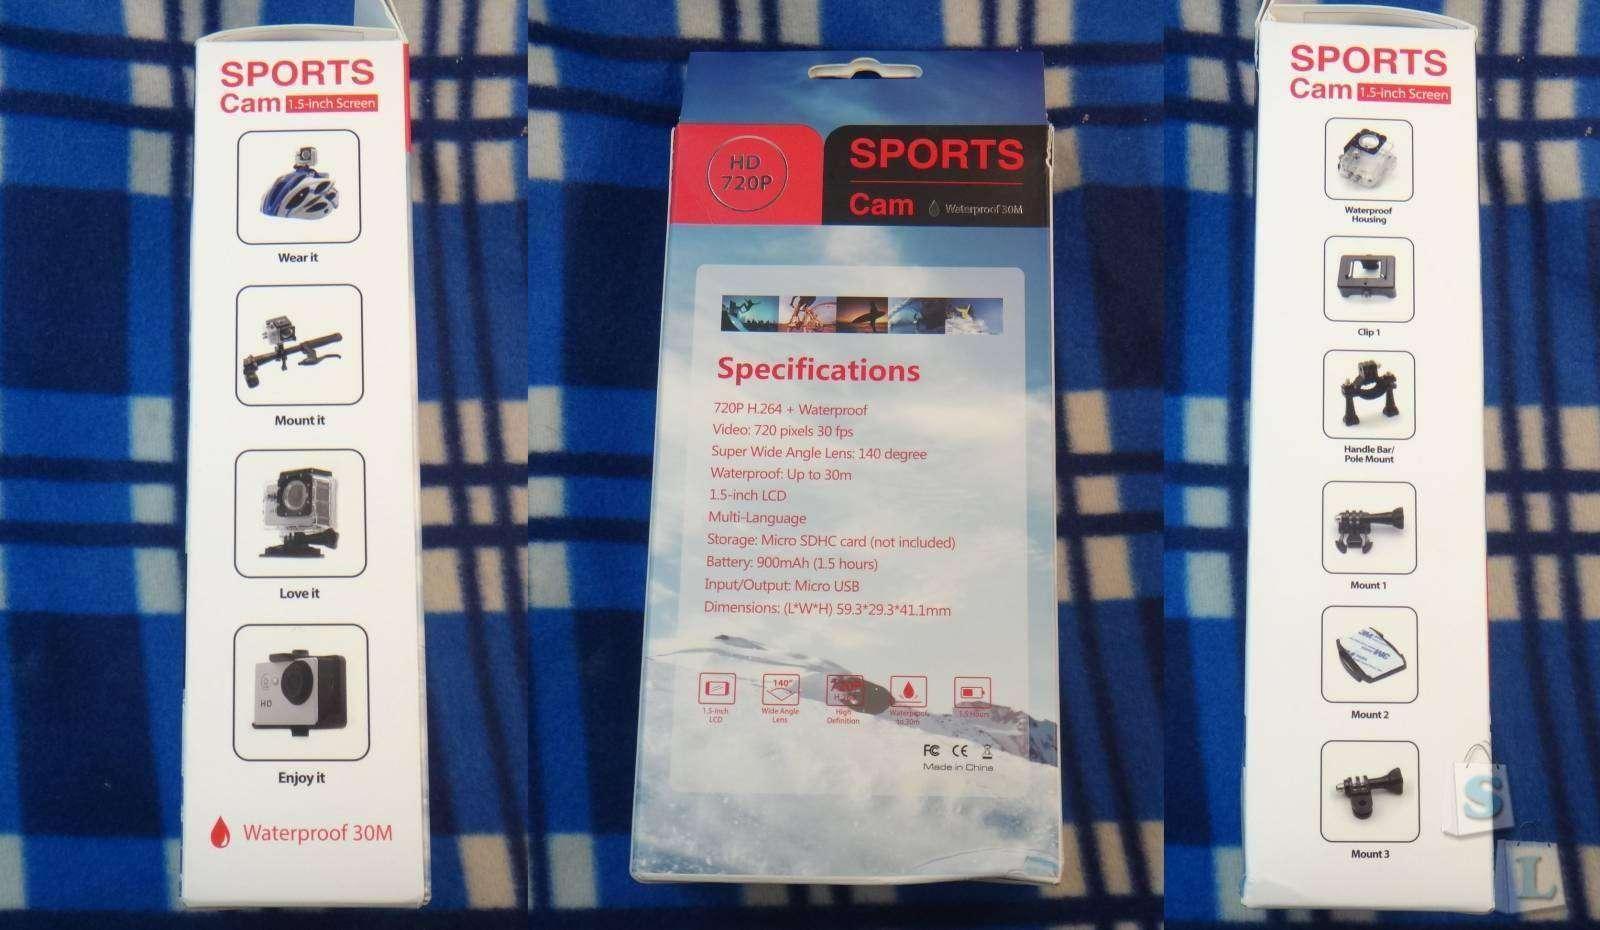 CooliCool: Sports Cam A8 Y8J обзор дешевой экшен камеры с хорошей комплектацией